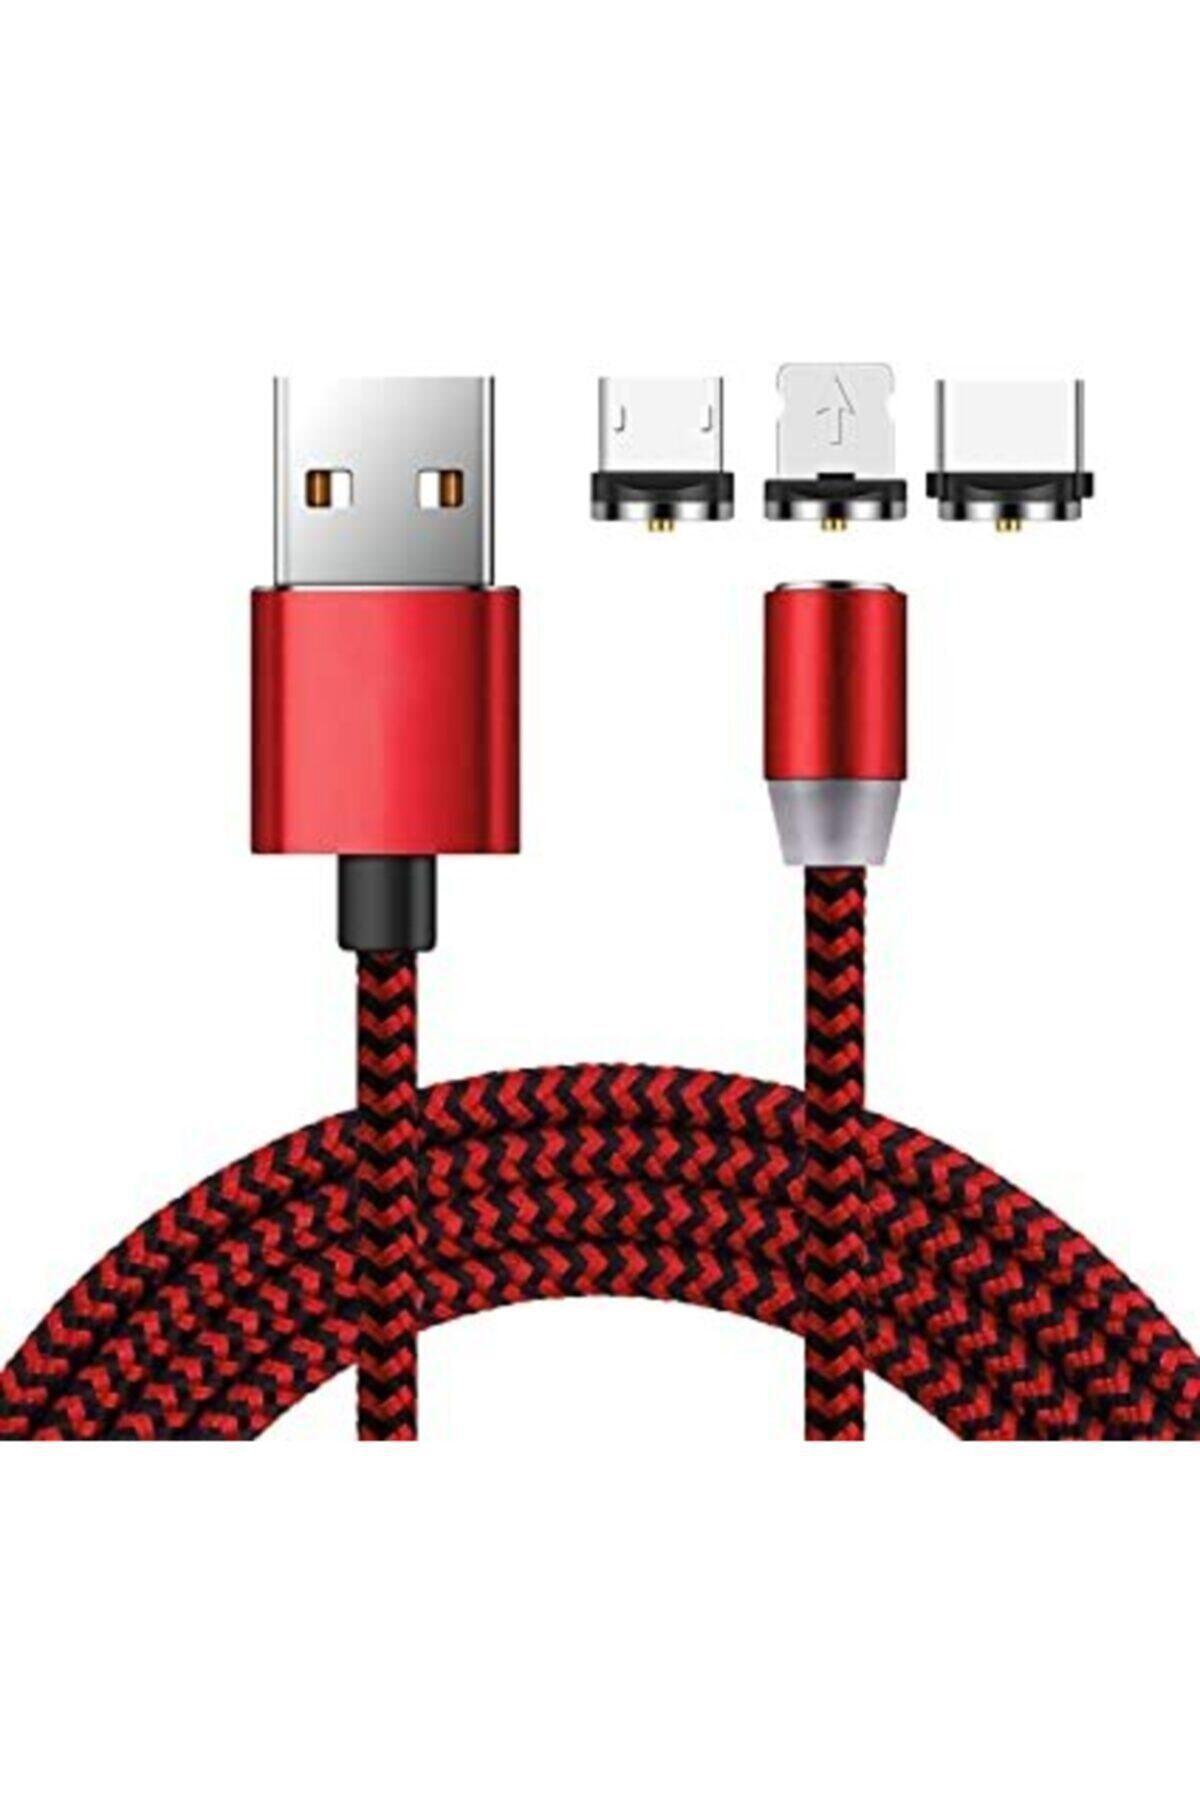 Kırmızı Renk Iphone Samsung Micro Usb Type-c 3 in 1 Mıknatıslı Manyetik Şarj Kablosu